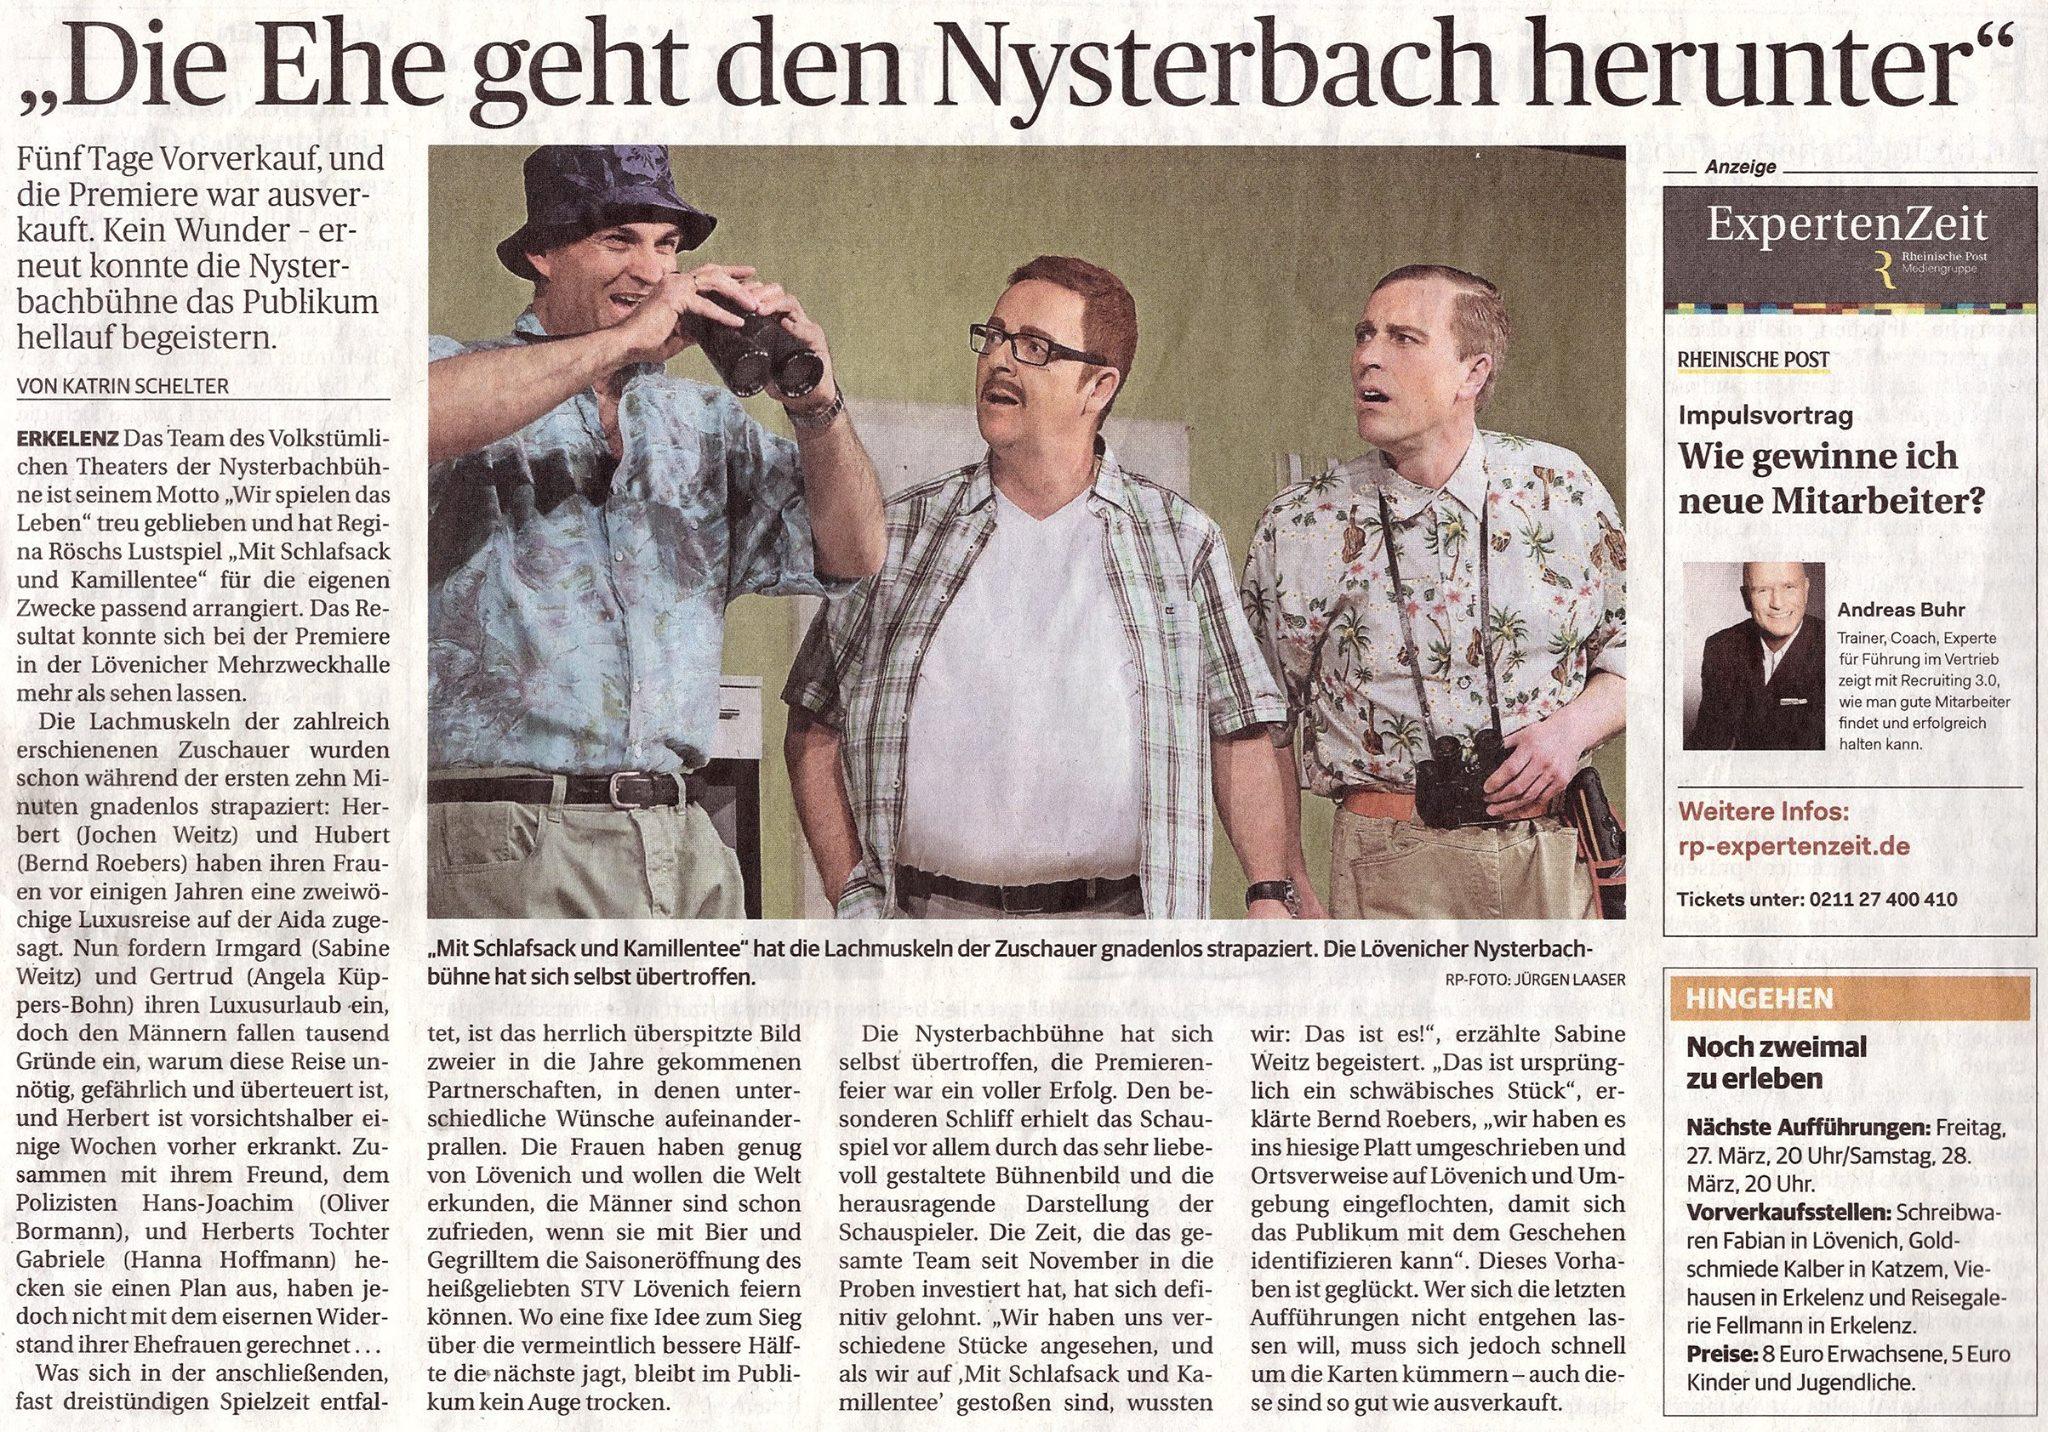 Rheinische Post vom 24.3.2015